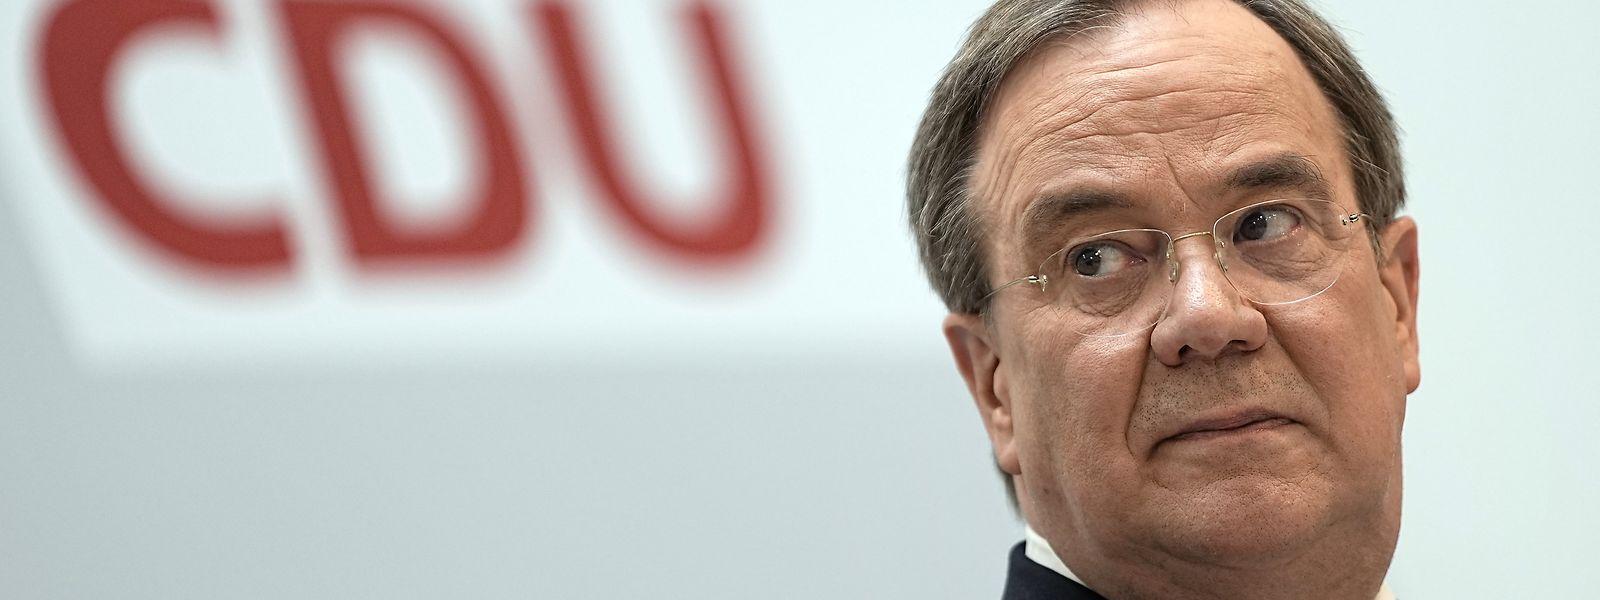 CDU-Chef Armin Laschet muss die Erzkonservativen in seiner Partei befrieden und zugleich moderate Wähler ansprechen.